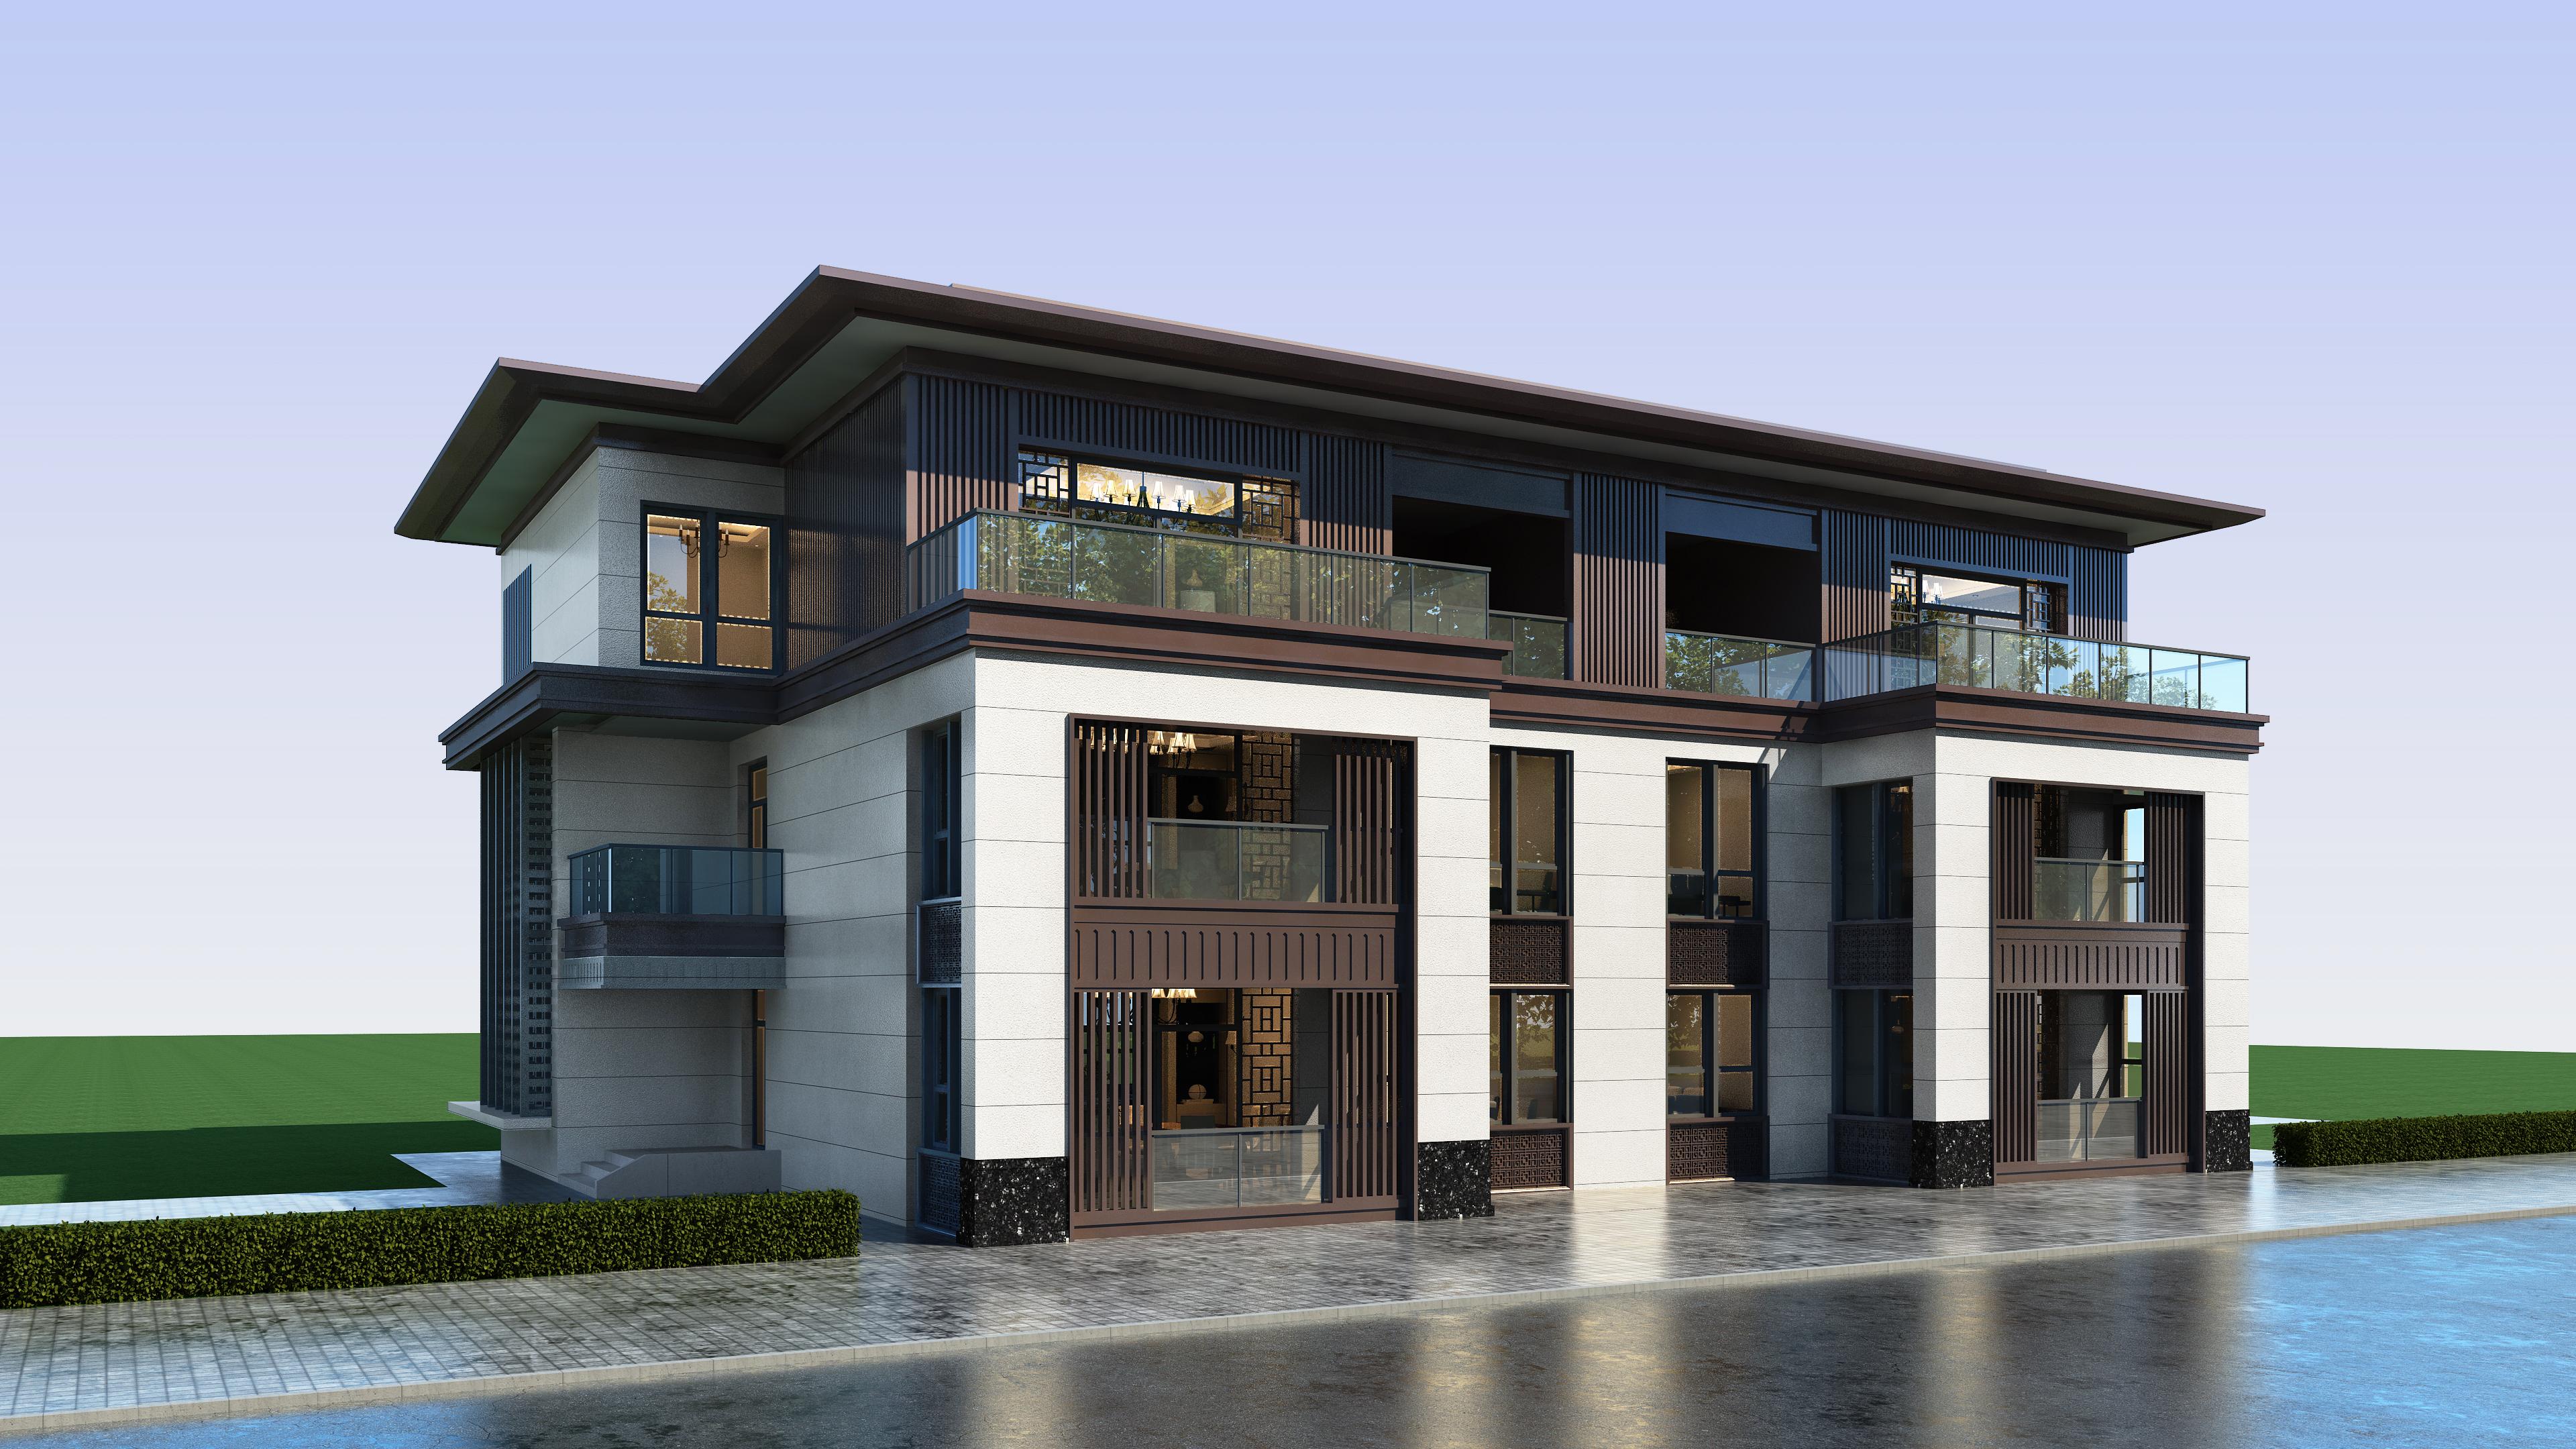 自建房设计别墅 私人住宅方案设计【资深设计师原创作品】